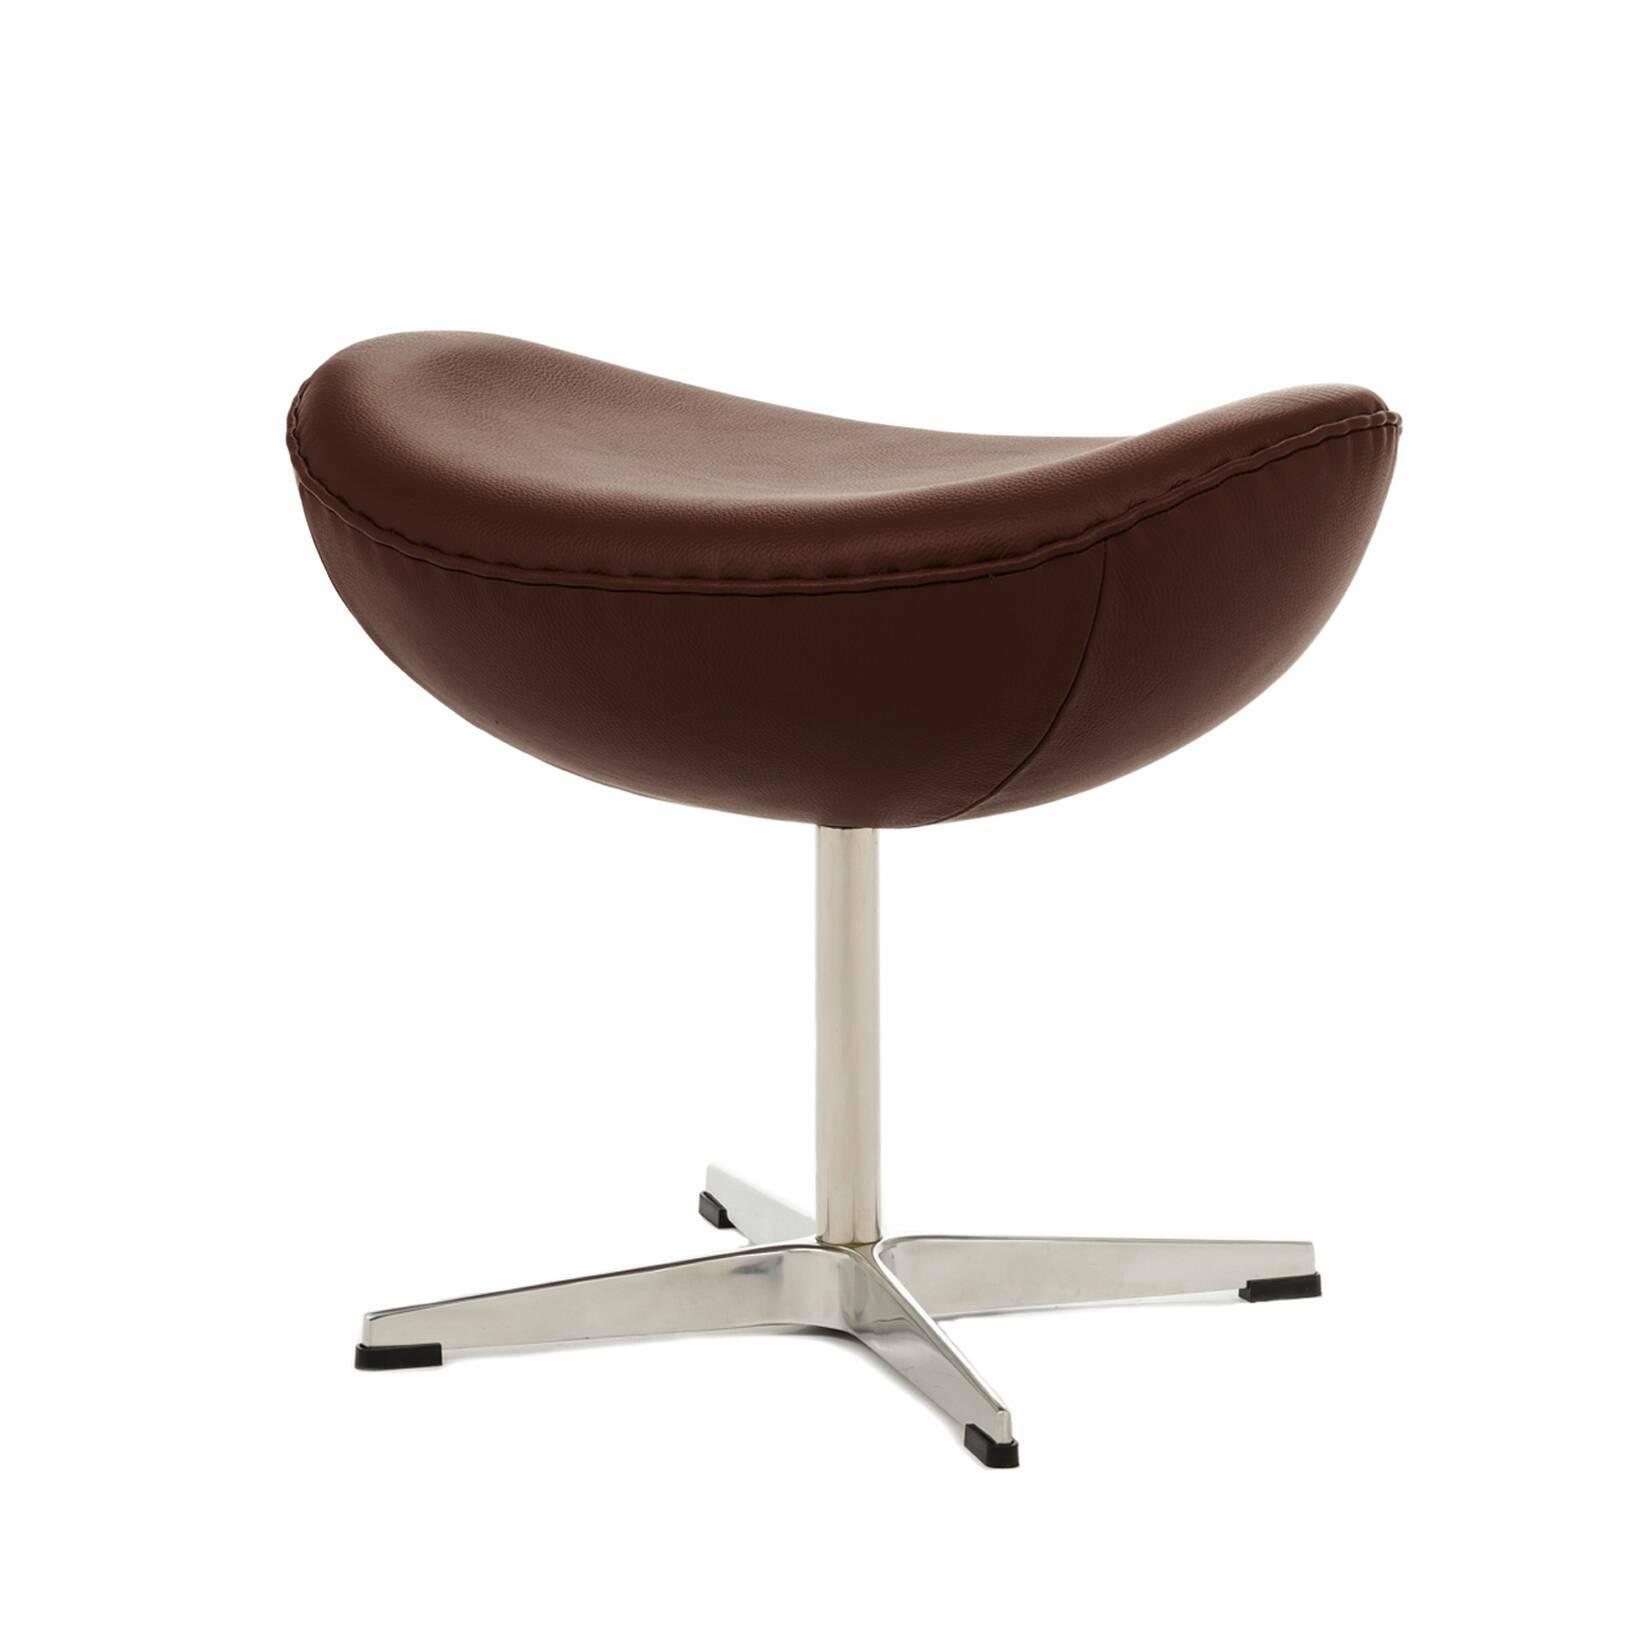 Оттоманка EggПуфы и оттоманки<br>Дизайн оттоманки Egg разработал популярный в 60–70-х годах дизайнер датского происхождения Арне Якобсен, который смог объединить в своих творениях своеобразие форм и исключительную эргономичность. Этот предмет мебели является «напарником» кресла Egg, однако может использоваться и самостоятельно благодаря своей вполне независимой конструкции.<br><br><br> Предлагаемая модель оттоманки выполнена в разнообразных — как ярких, так и нейтральных — цветах, которые будут выгодно смотреться на любом фон...<br><br>stock: 0<br>Высота: 45,5<br>Ширина: 54<br>Глубина: 38,5<br>Цвет ножек: Анодированный<br>Цвет сидения: Коричневый<br>Тип материала сидения: Кожа<br>Тип материала ножек: Алюминий